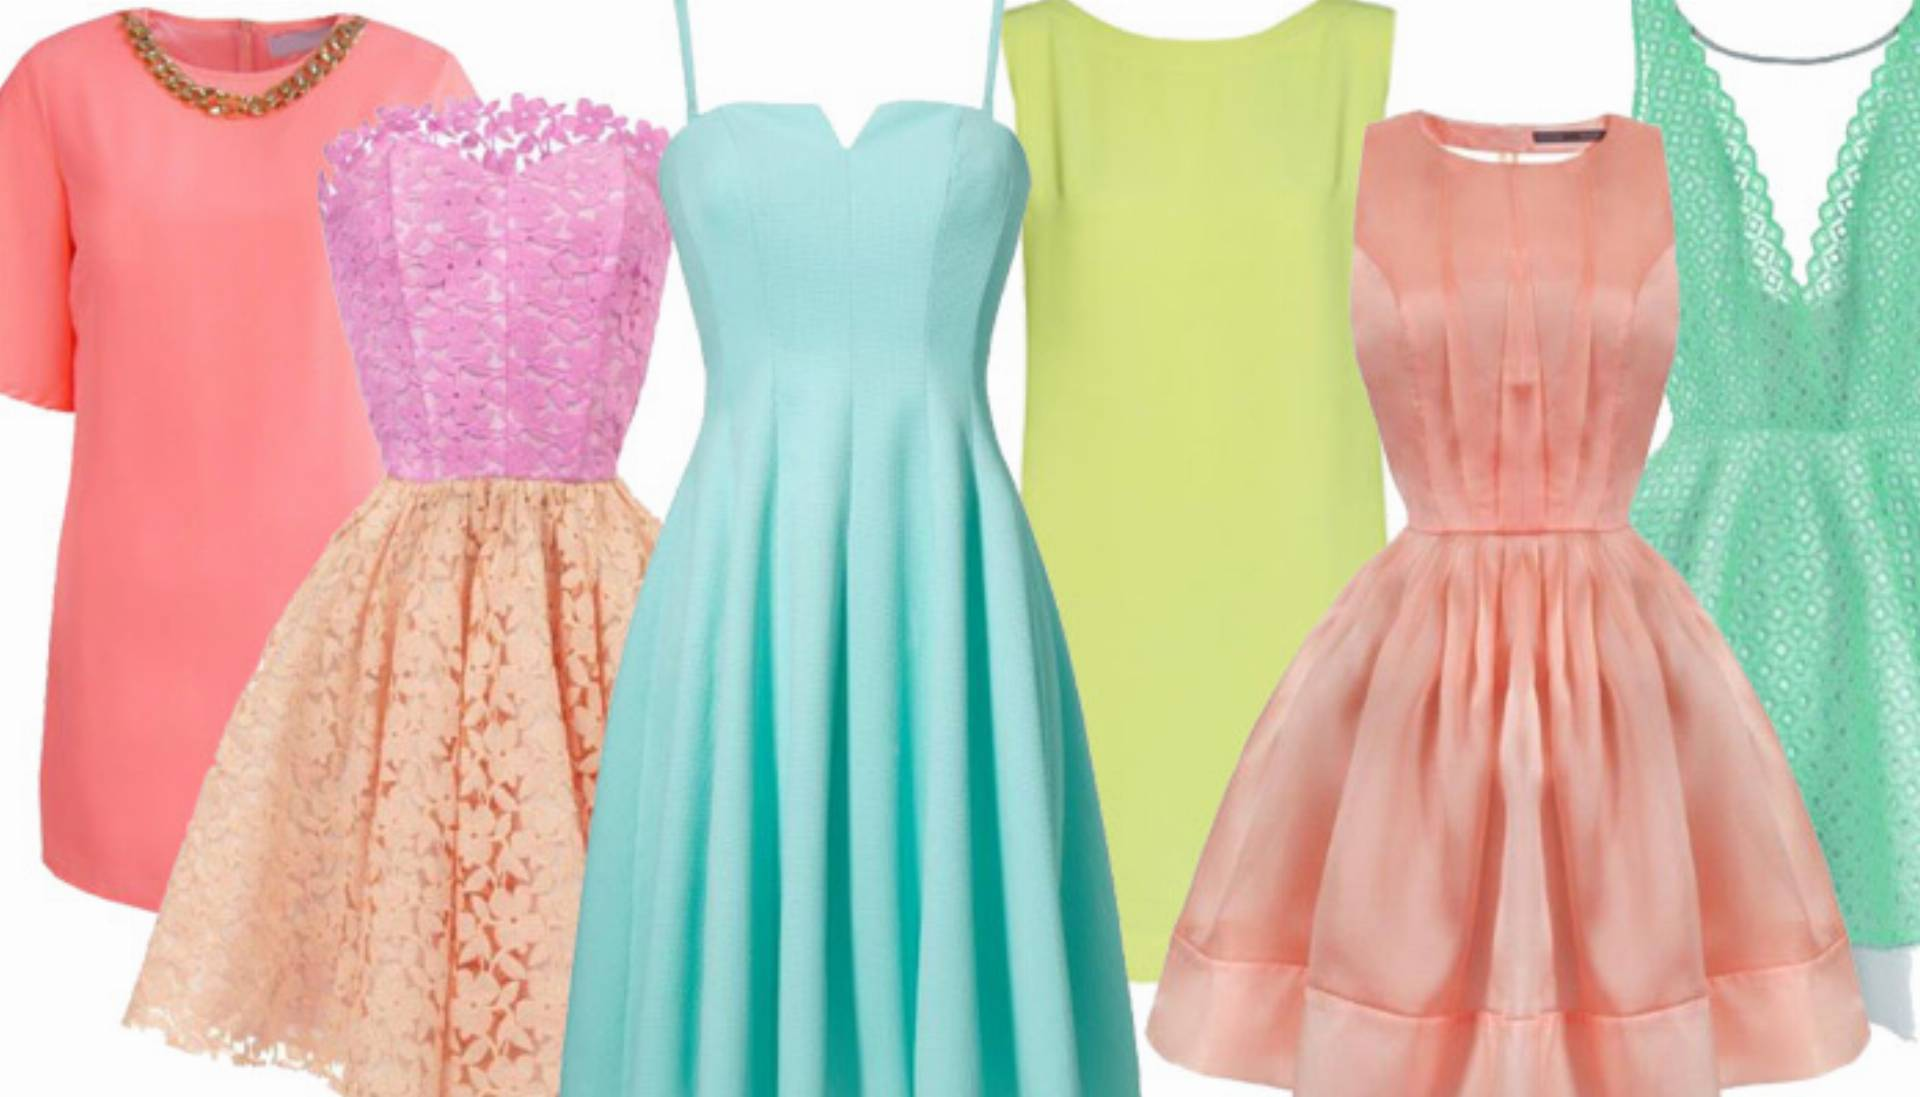 bf33e6d630 Sukienki na lato 2015 w kolorze pianek marshmallow - przegląd ...